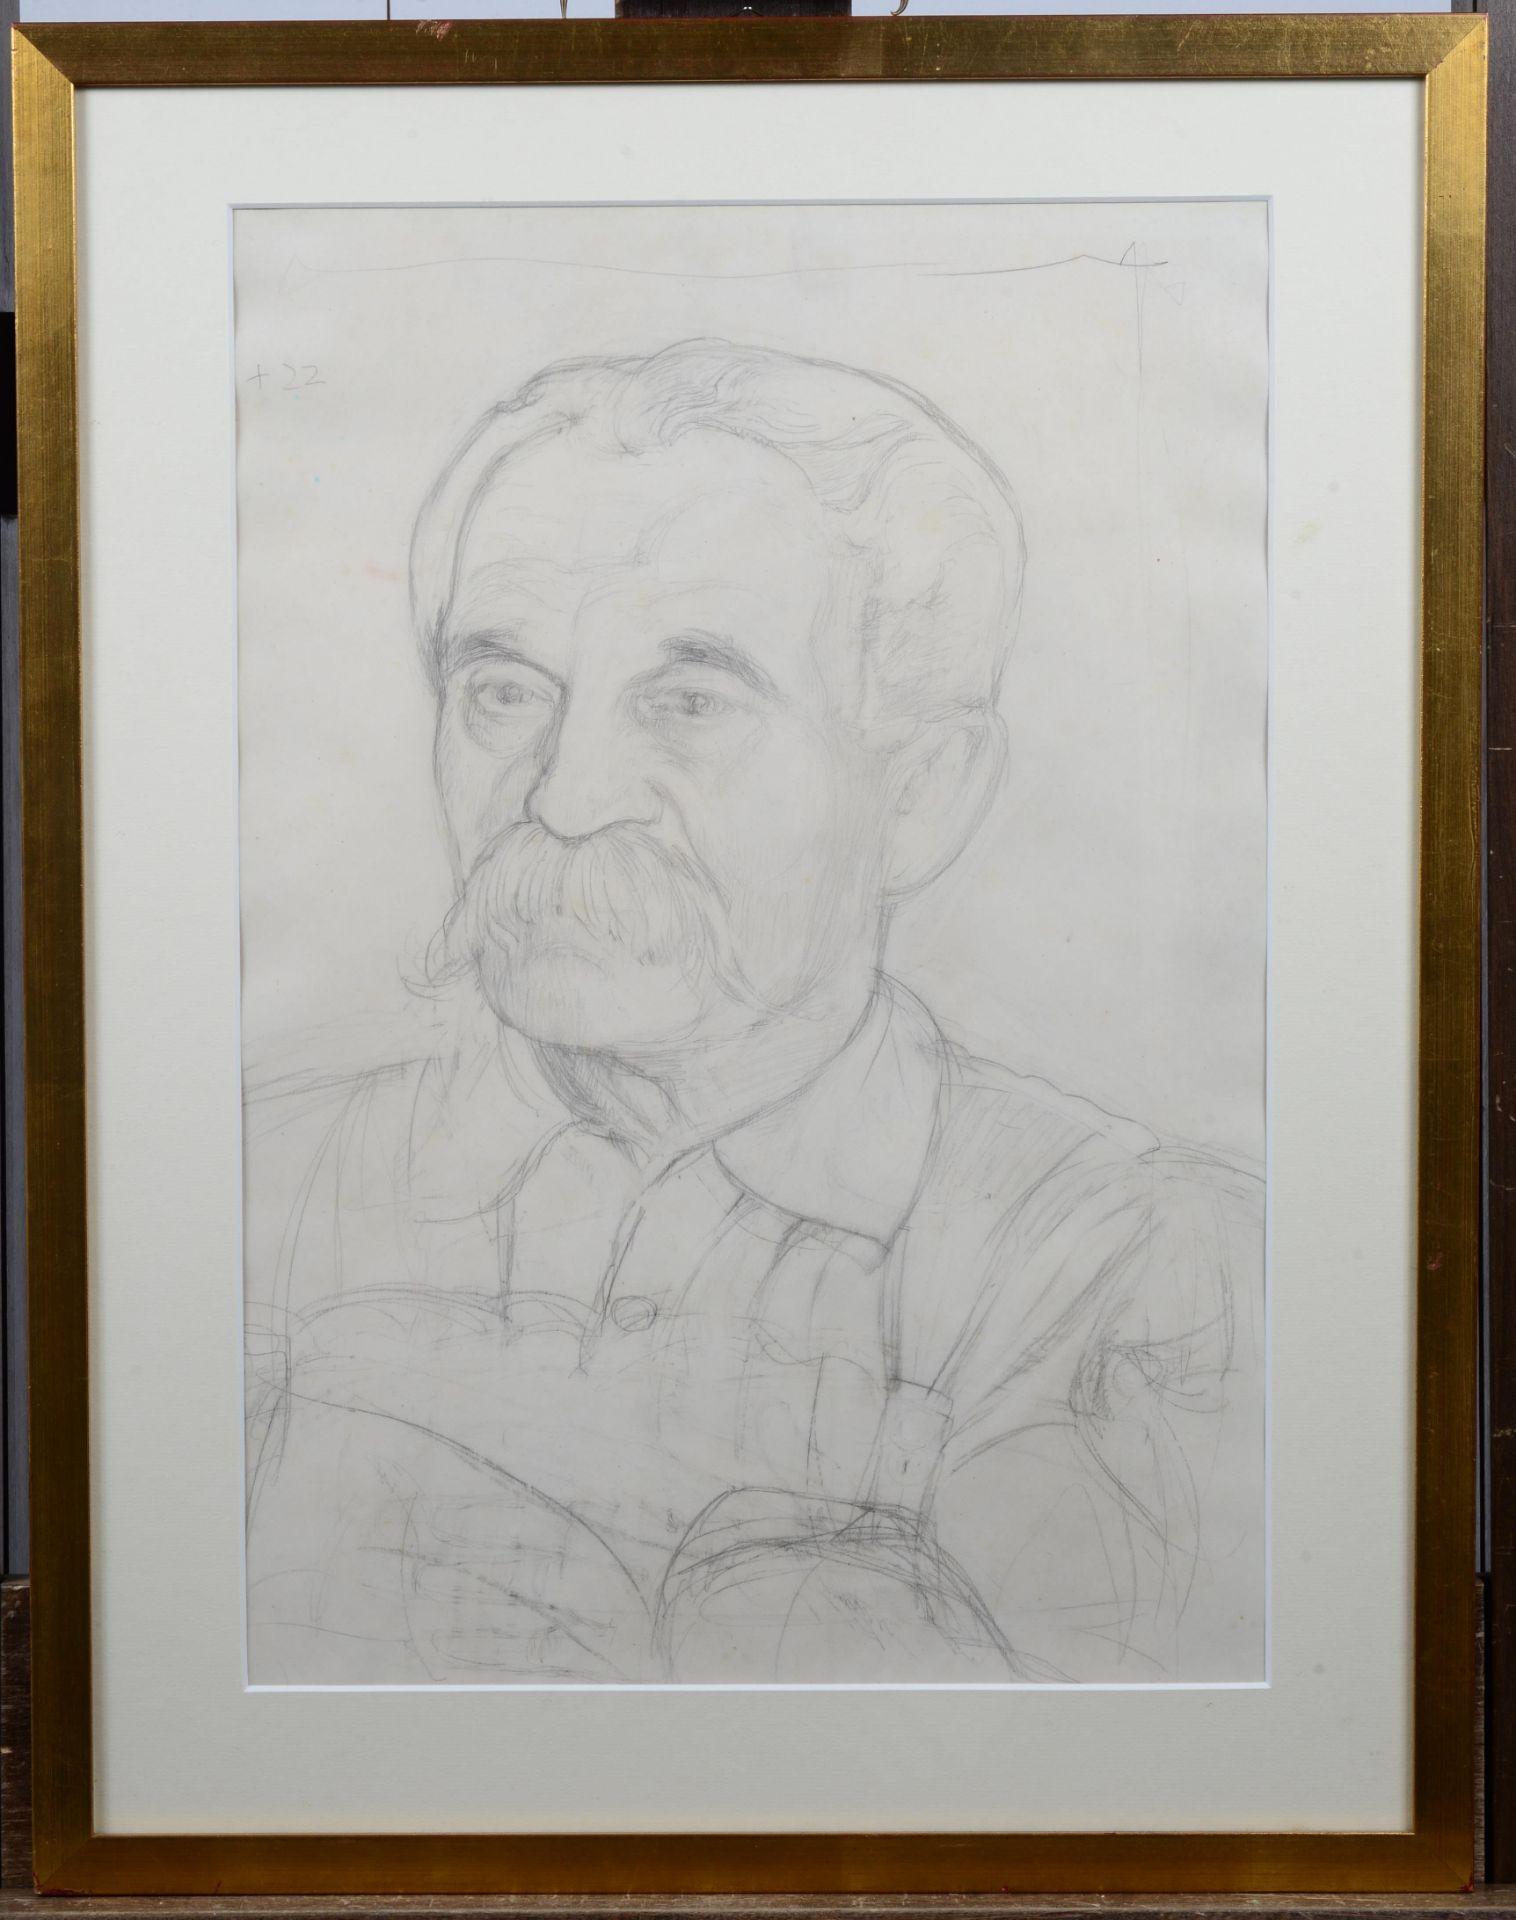 BIÉLER, ERNEST: Porträt des Chirurgen César Roux (1857-1934). - Image 2 of 2